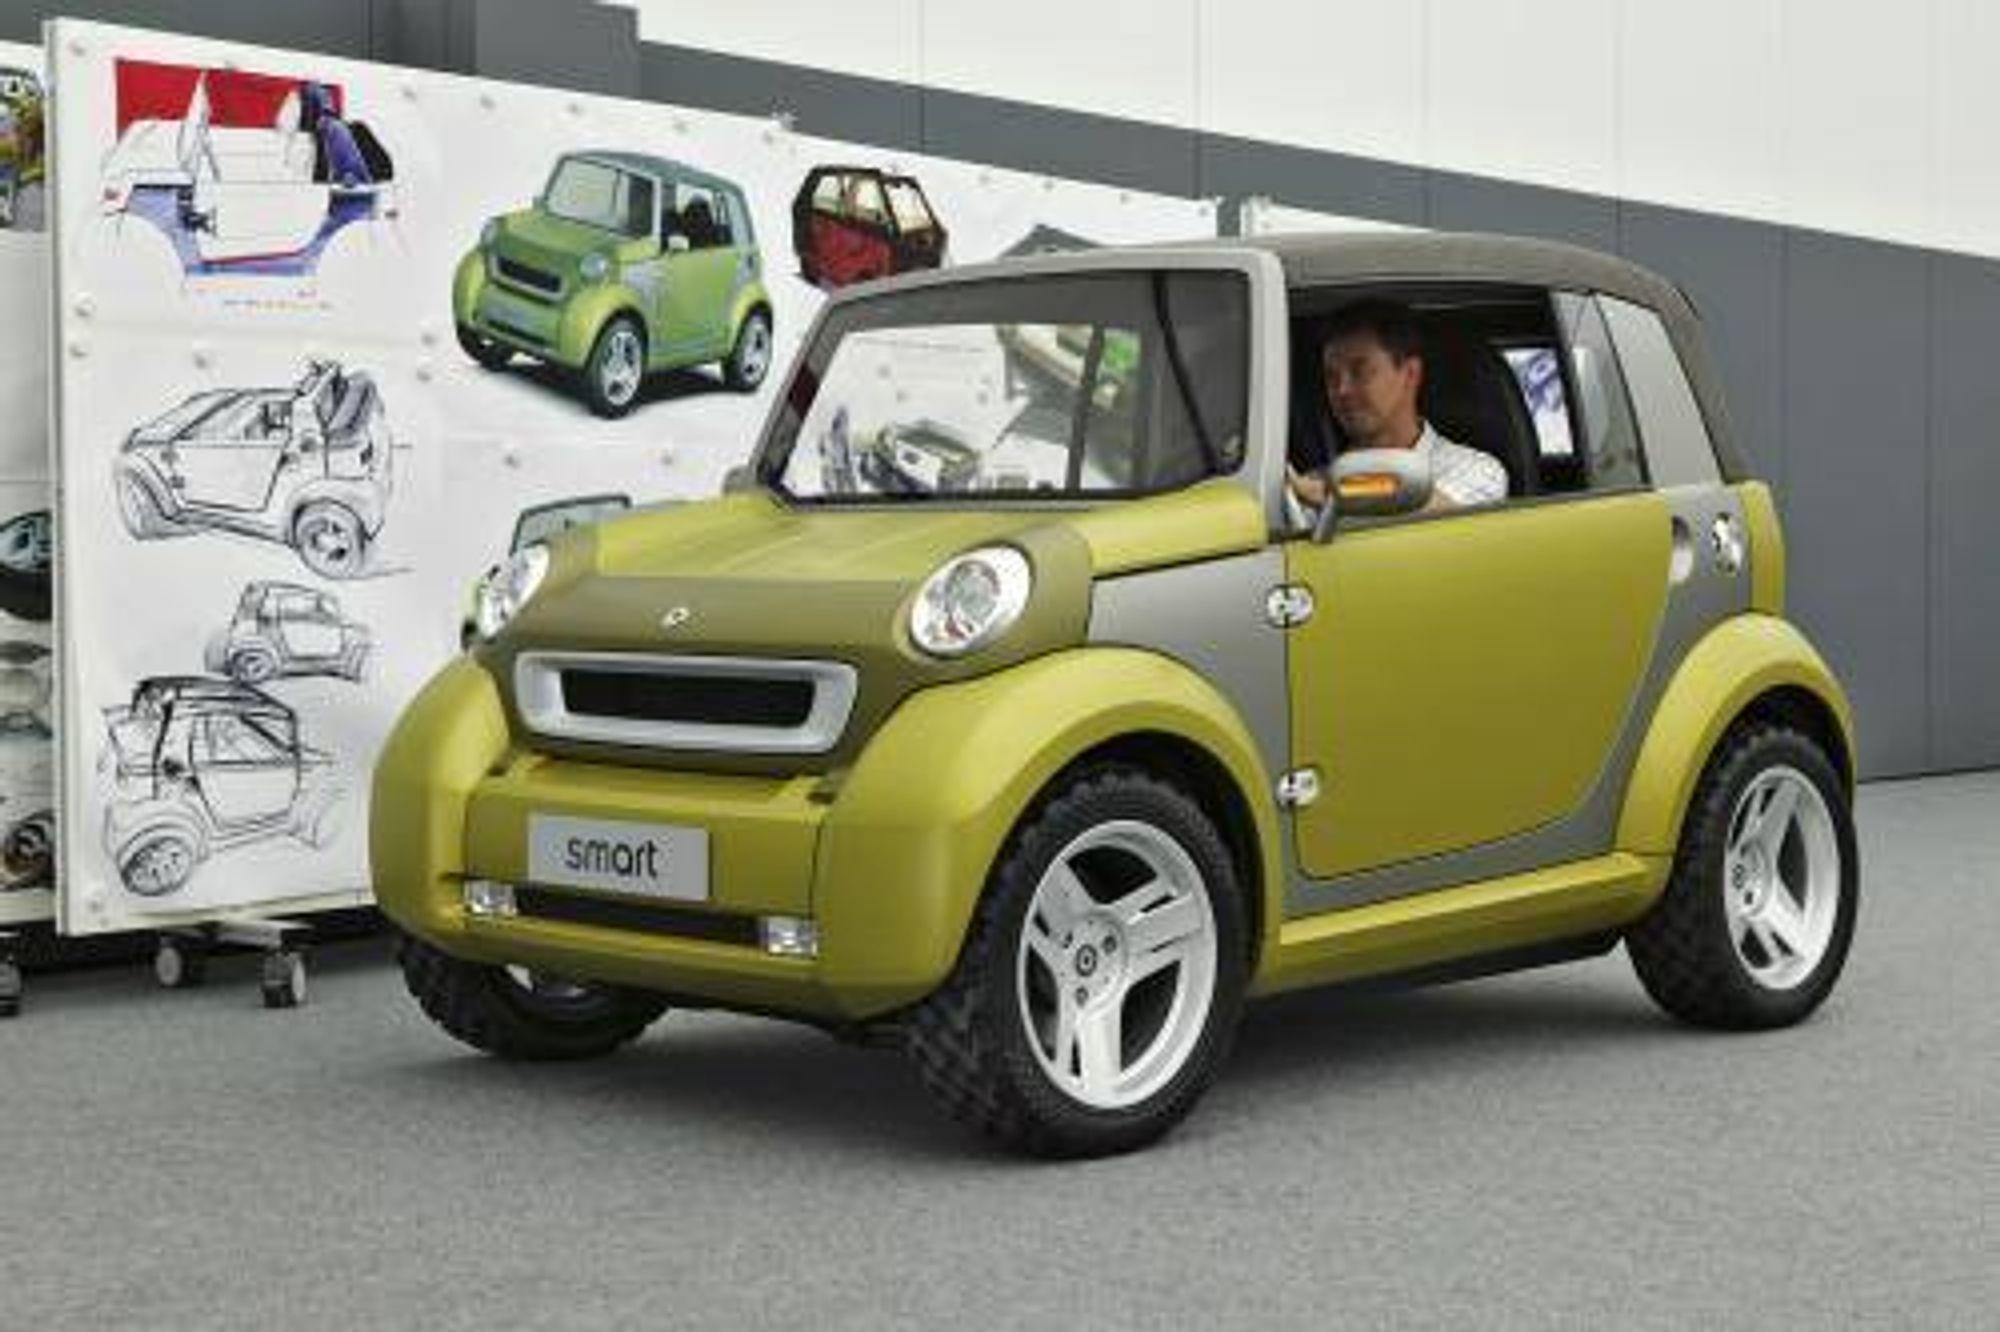 KONSEPT: Slik ser den ut, den smart-varianten som DaimlerChrysler viste som  konsept på bilutstillingen i Frankfurt i forrige uke. Litt graving gjorde at  vi fant bildet, som var ganske godt gjemt på pressesidene. Bilen har  hybriddrift (forbrenningsmotor, elektromotor, batteri) og en lang rekke  innredninhgsdetaljeree er utformet av ungdom. Enda et eksempel altså, på at  bilfabrikene har startet sin frierferd mot dem som skal kjøpe bil om  fem.seks år. SMART